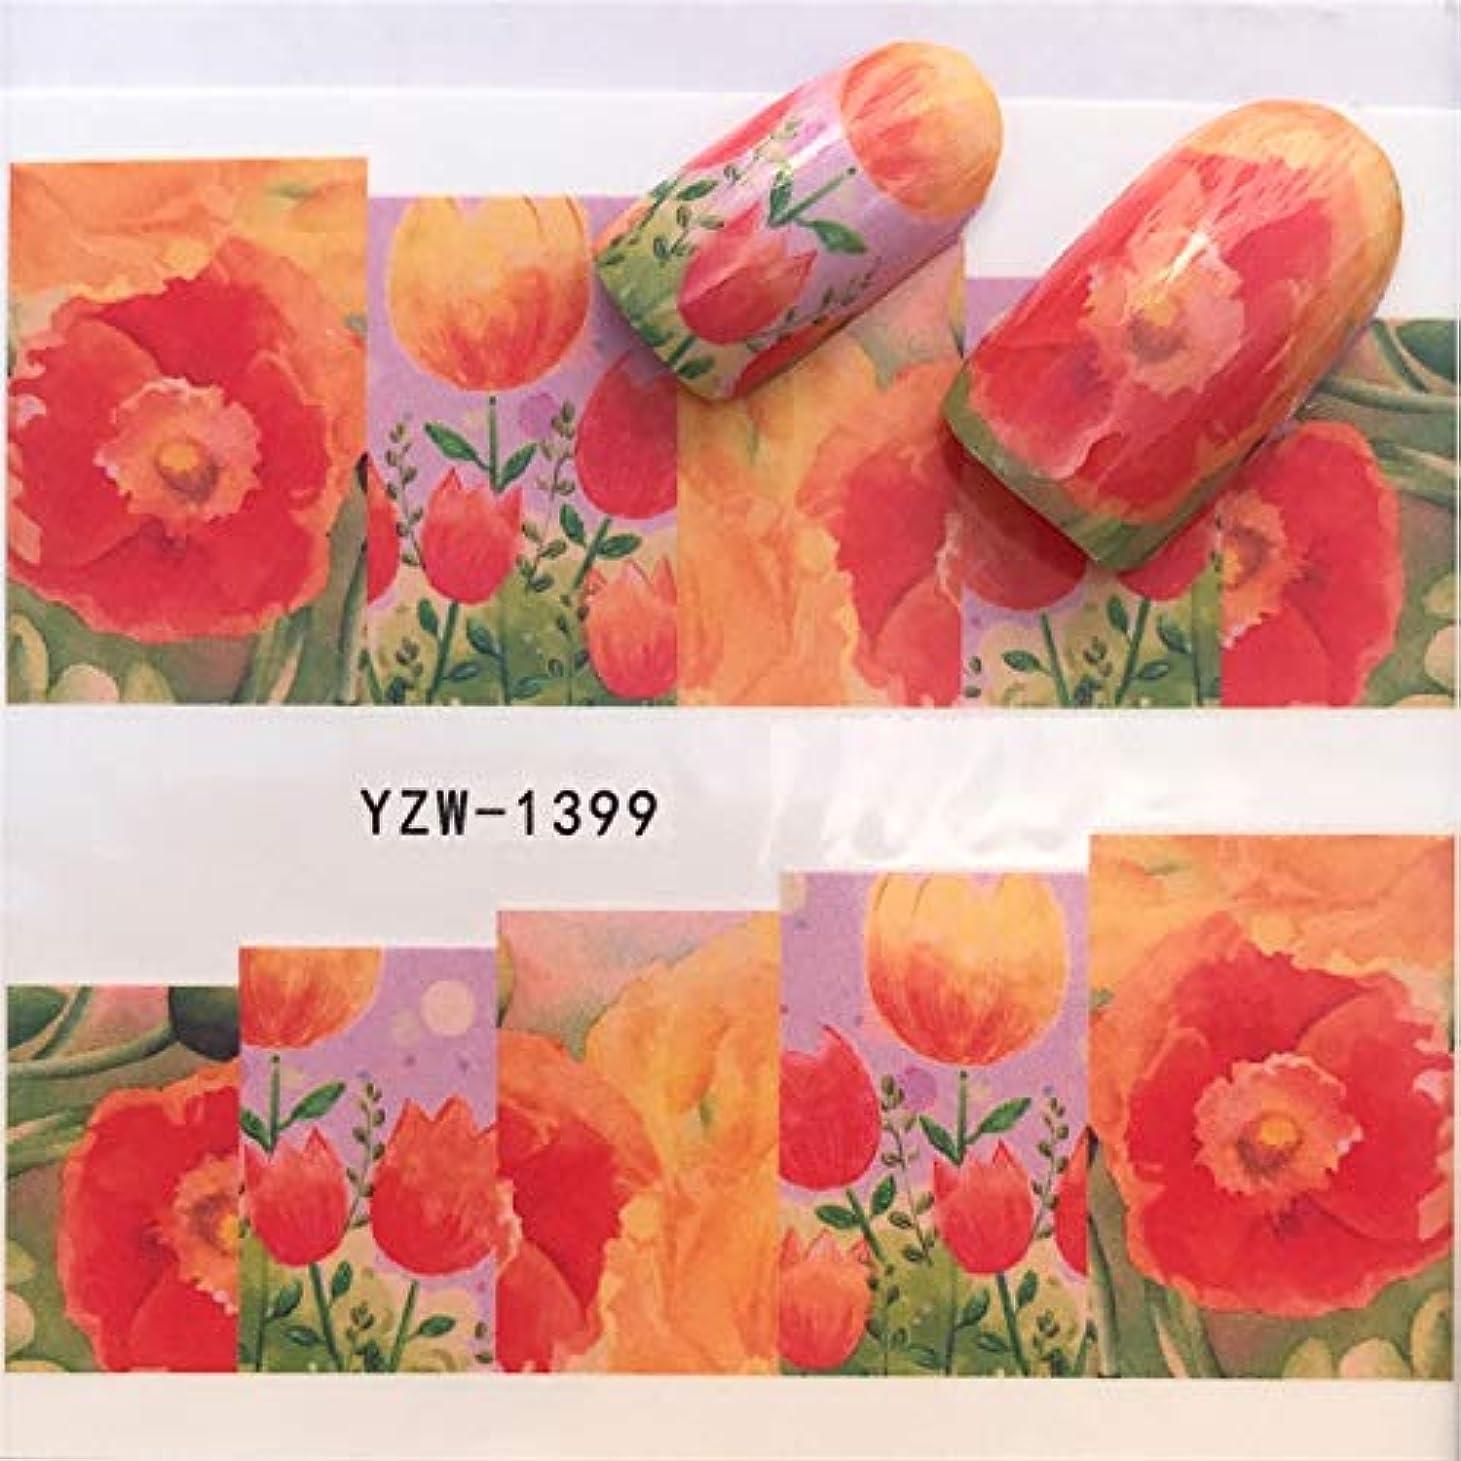 義務エキゾチック貸し手Yan 3ピースネイルステッカーセットデカール水転写スライダーネイルアートデコレーション、色:YZW1399